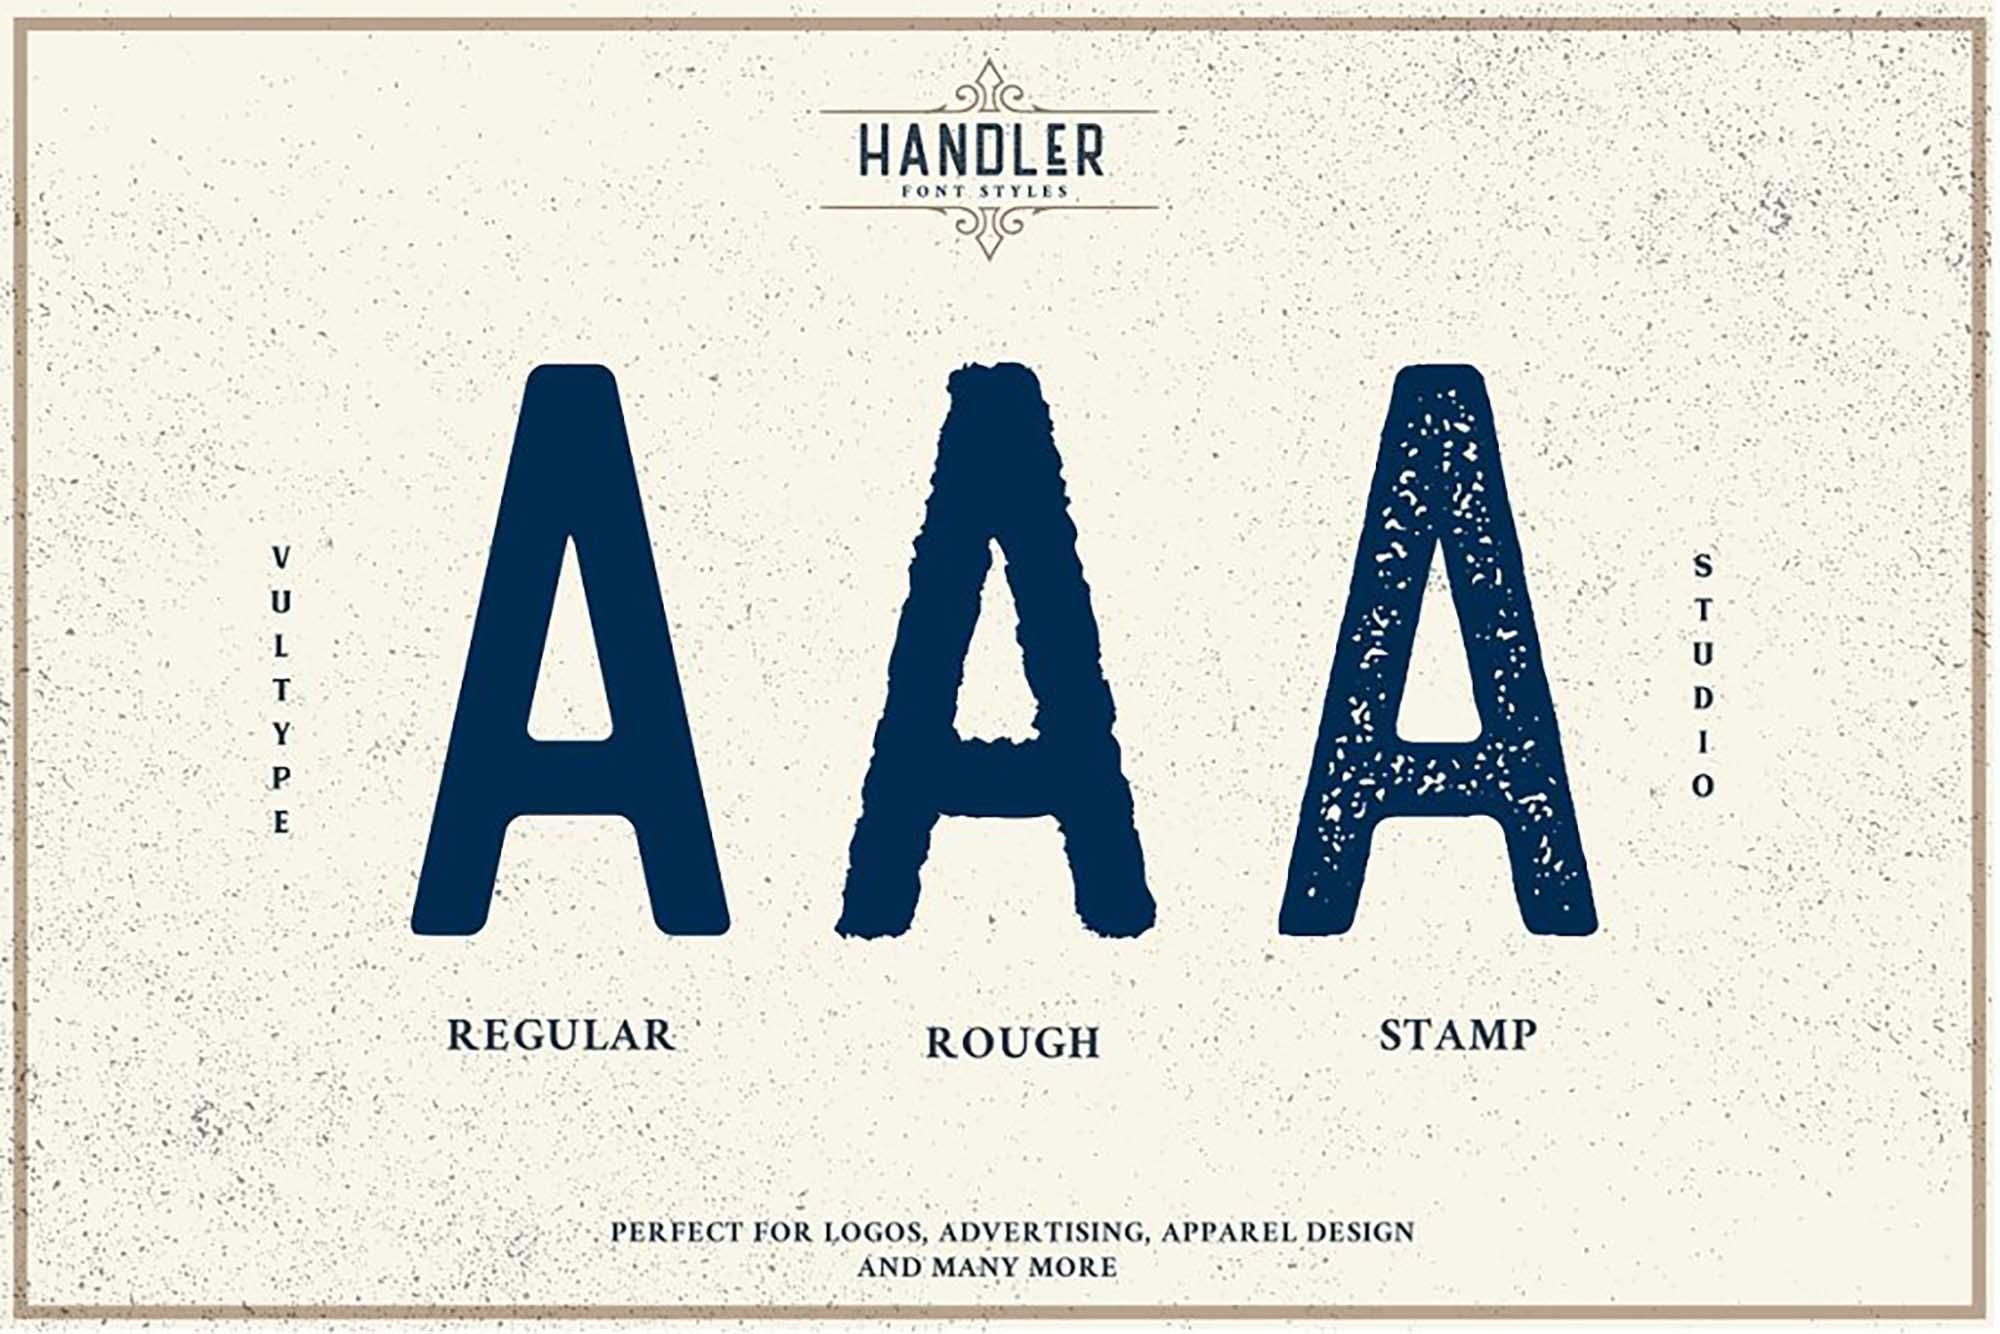 Handler Vintage Font 6